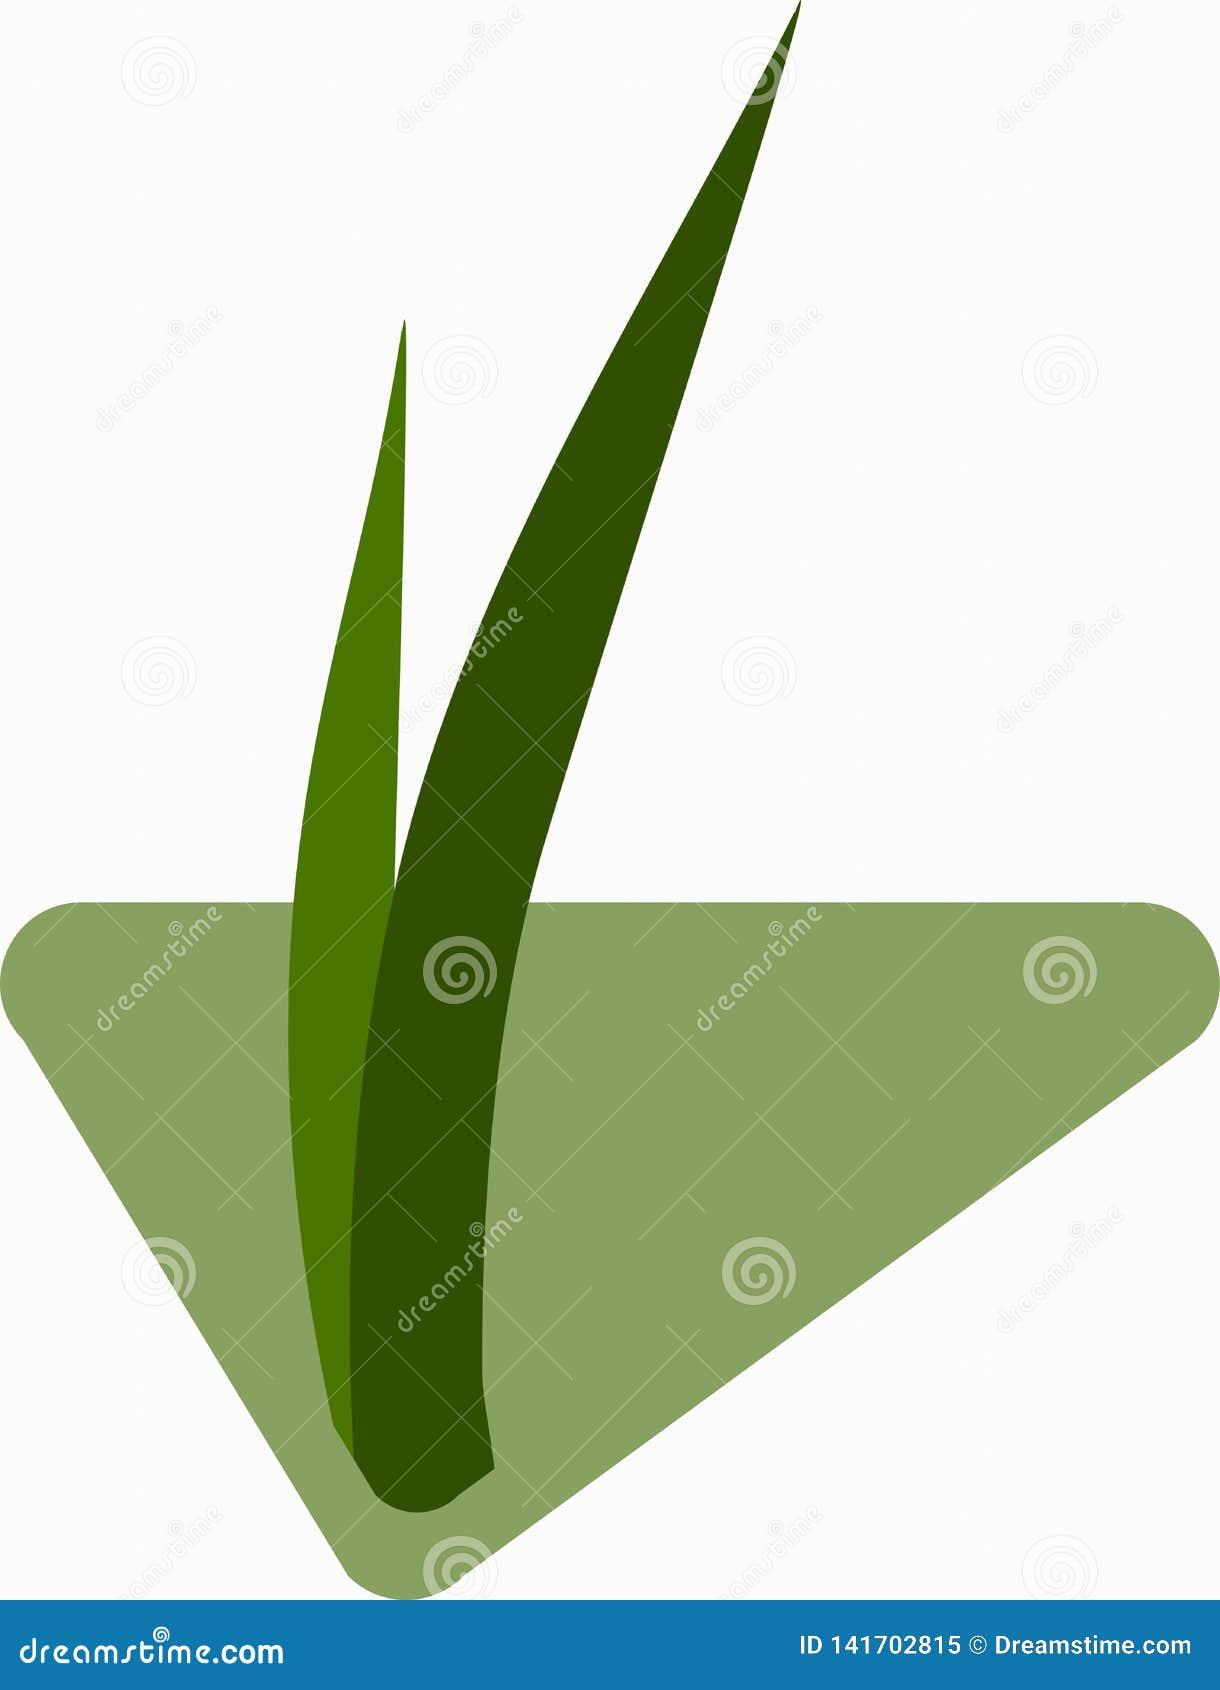 Sämlinge des Grases für das Züchten im abstrakten Vektor Ikone für die Landwirtschaft auf dem Hintergrund der grünen Raute